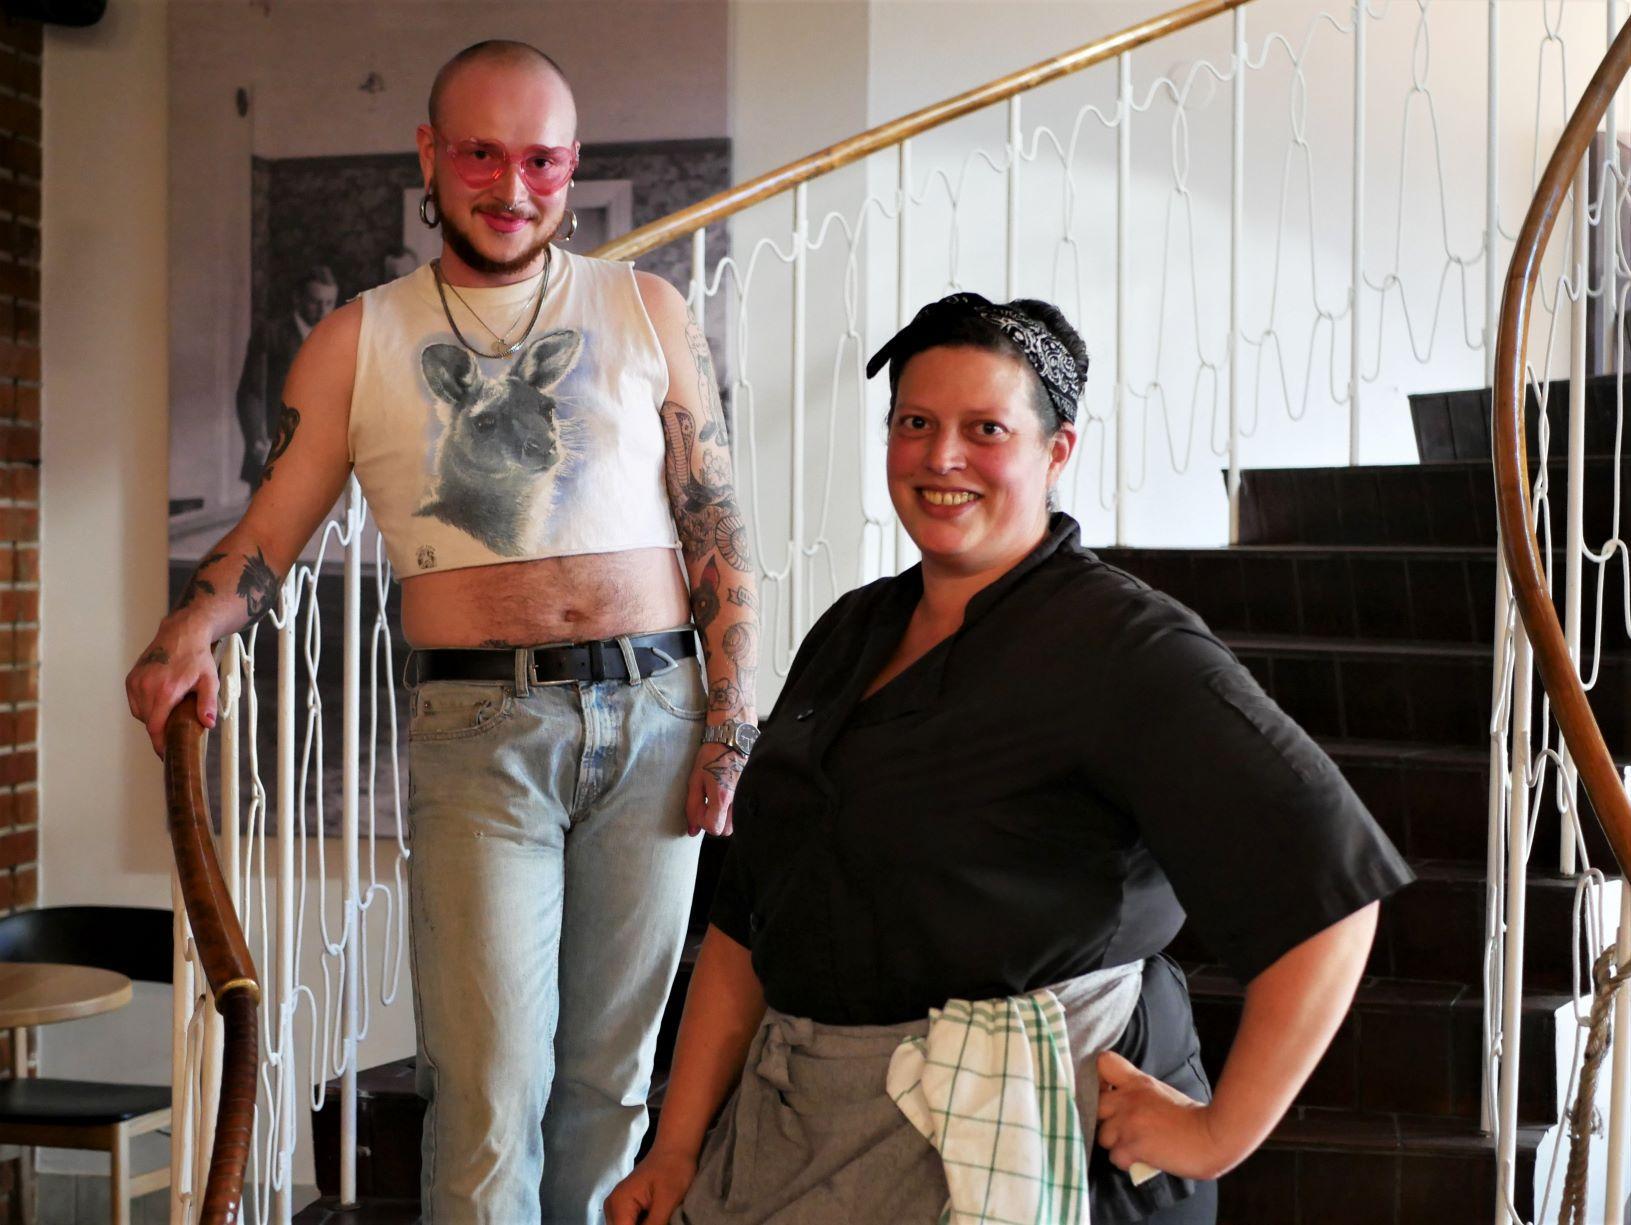 två personer står i en trappa